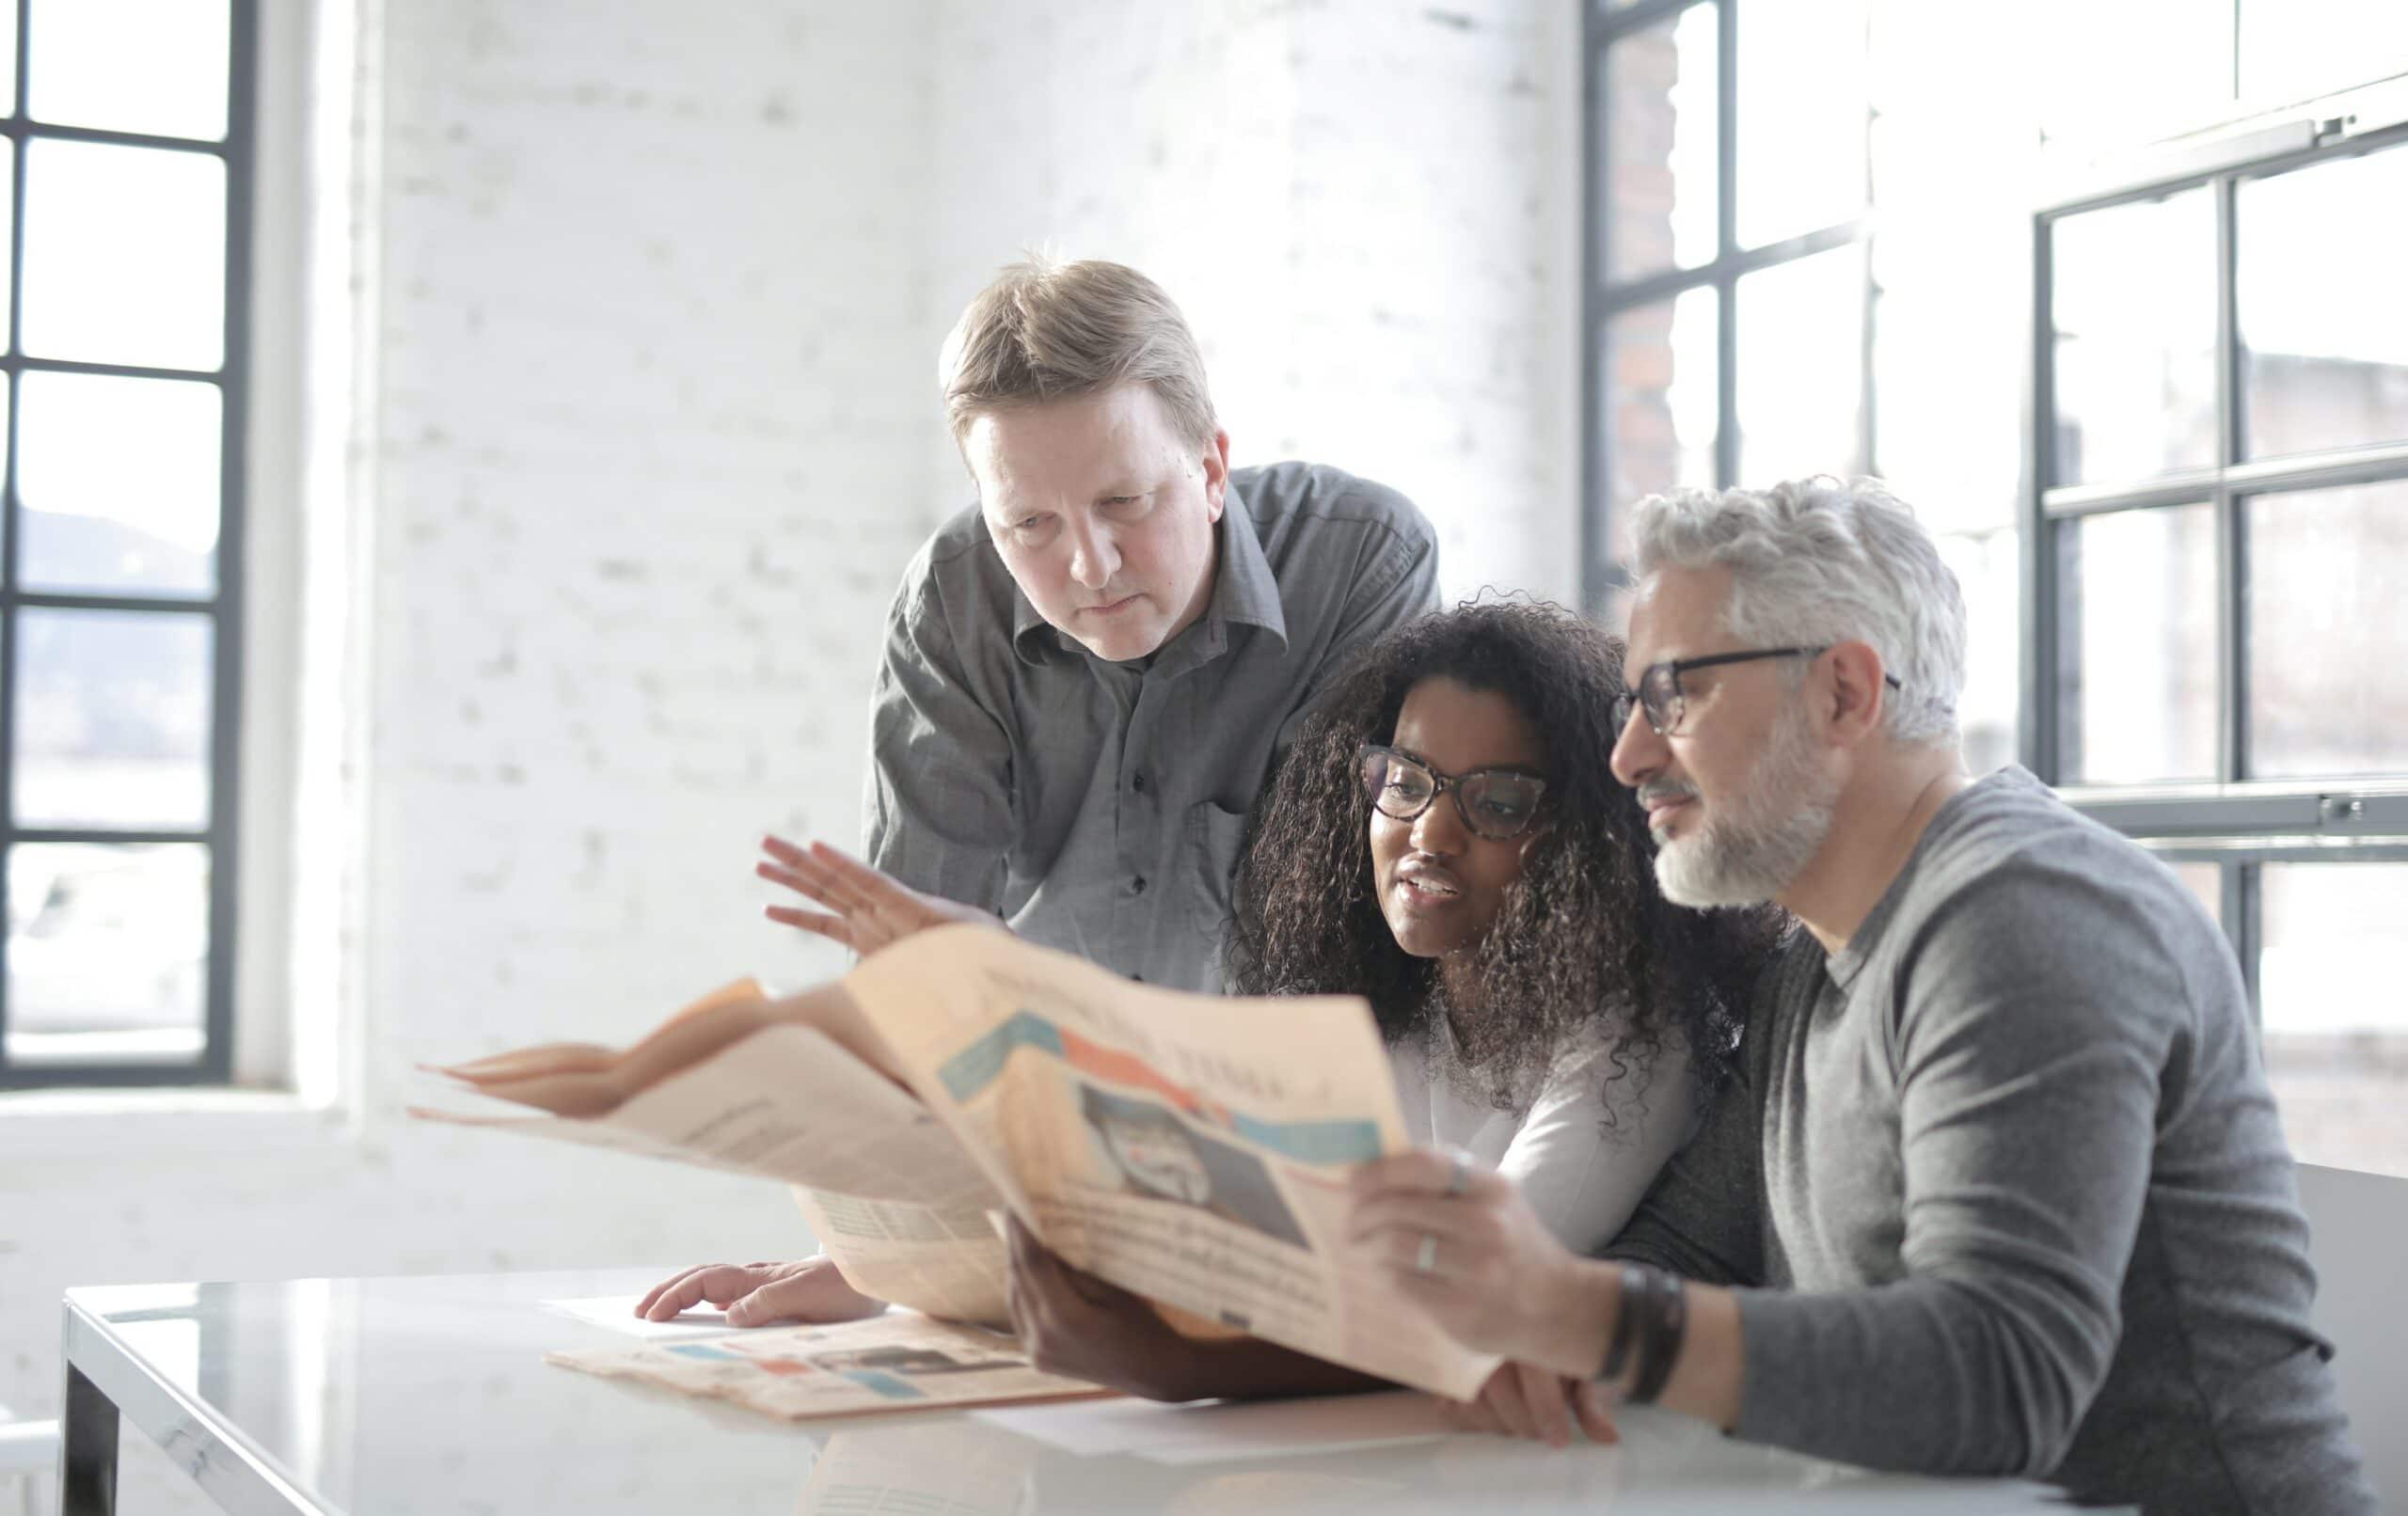 Zwei Männer und eine Frau sitzen in einem Raum und lesen gemeinsam eine Pressemeldung in der Zeitung.